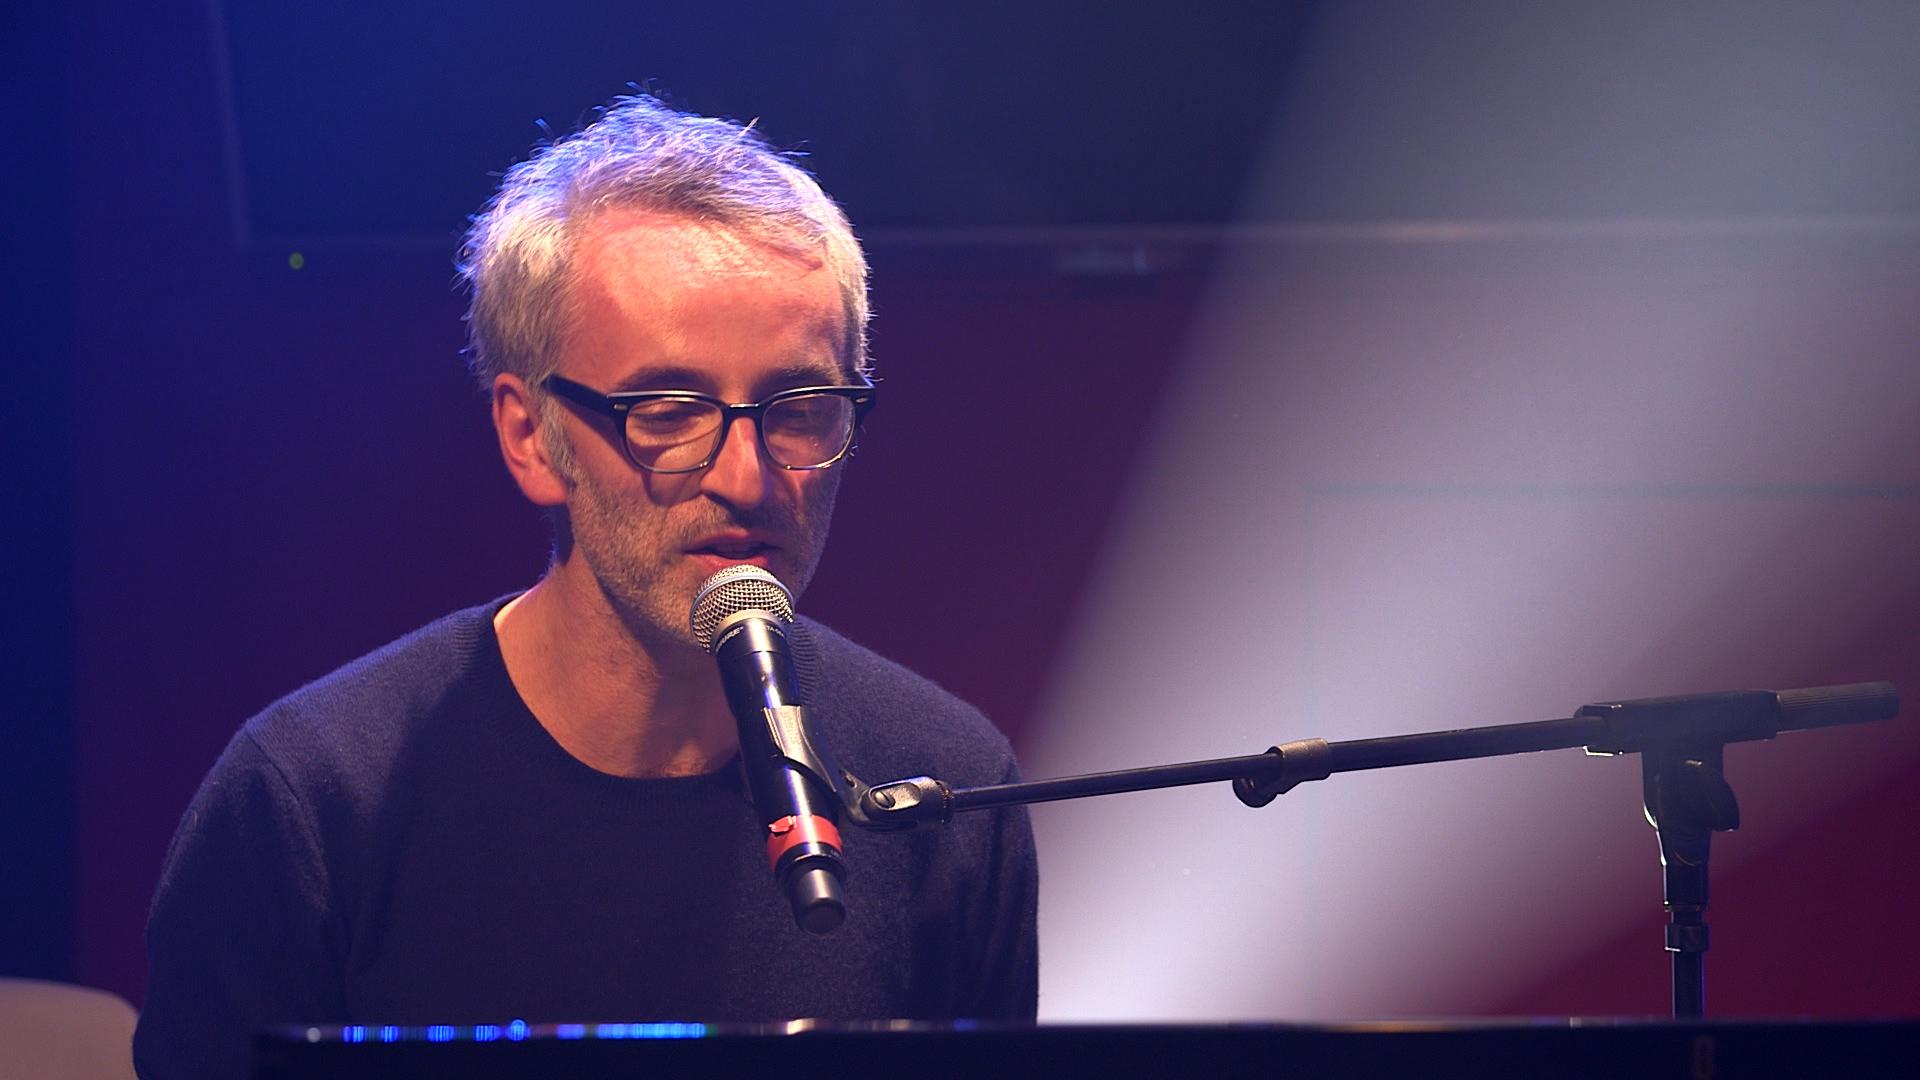 """Vincent Delerm revient avec un nouvel album, """"À présent"""" et donnera un spectacle à la Philarmonie de Paris du 4 au 7 avril 2017."""